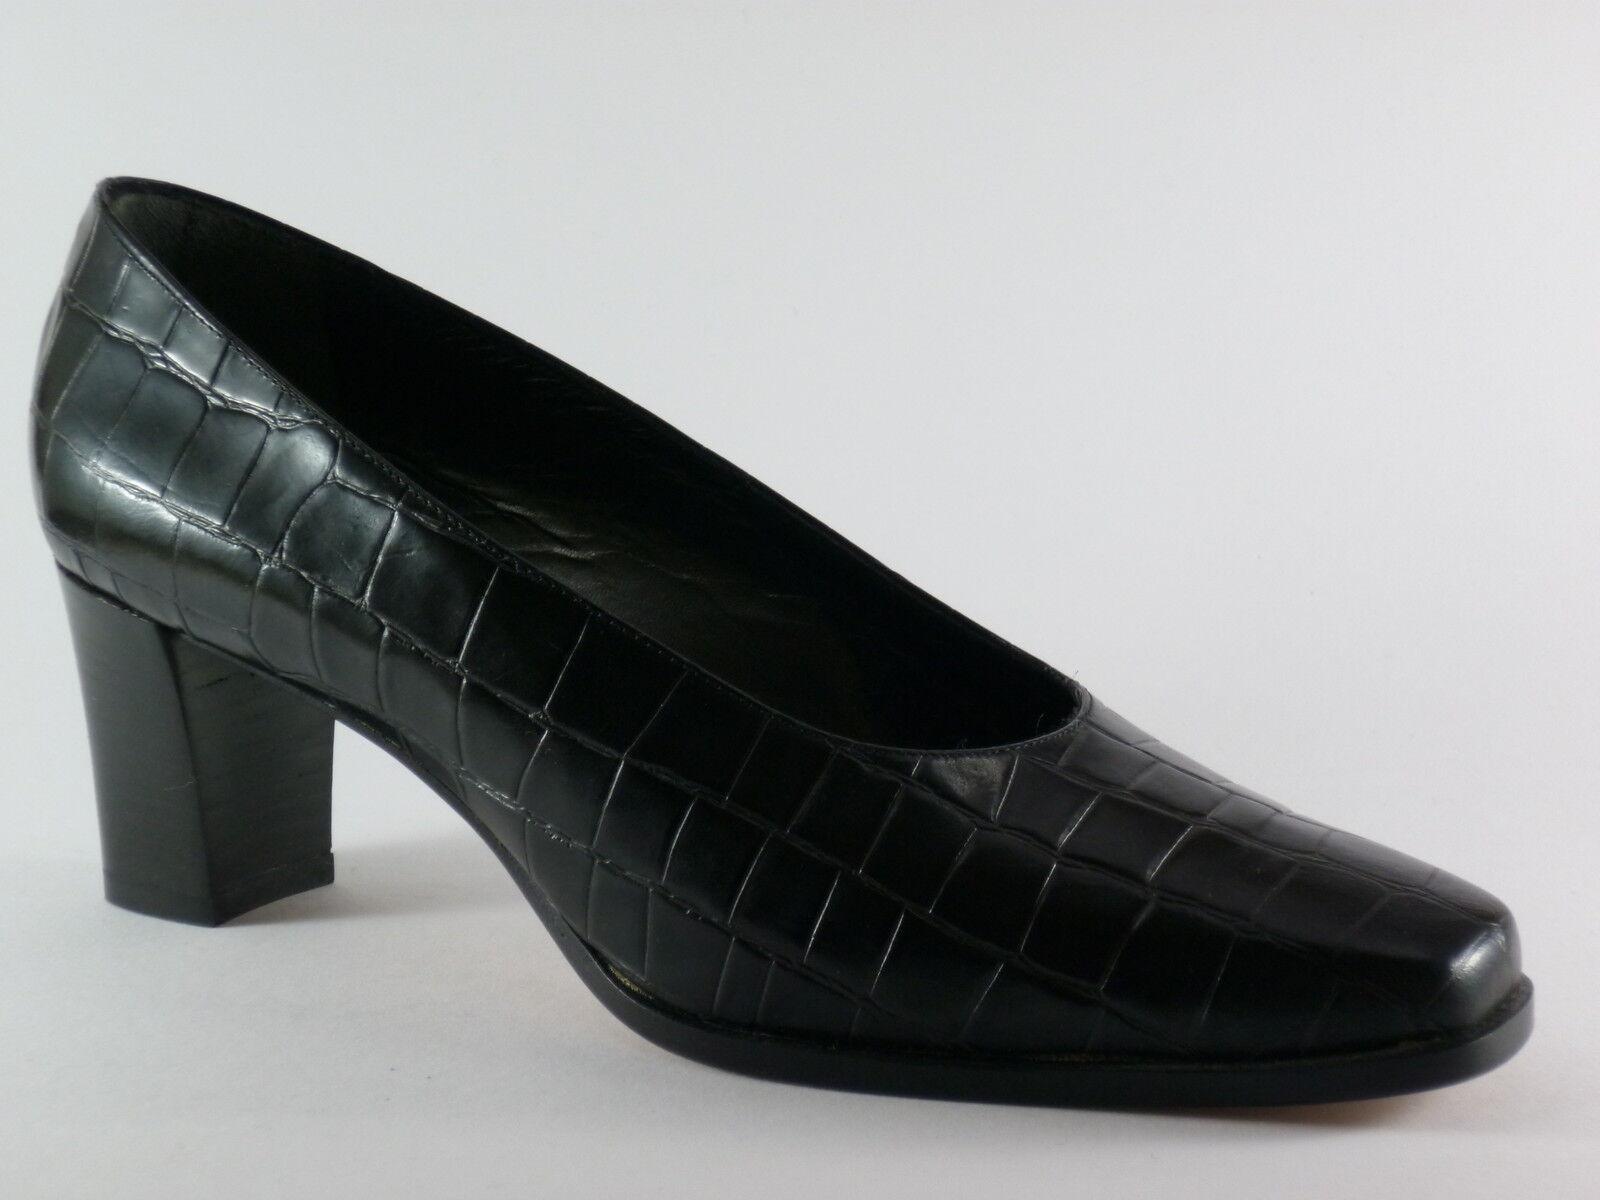 Marcello Giovannetti Zapatos señora 40 cuero cuero cuero negro noche Zapatos pumps nuevo  más vendido